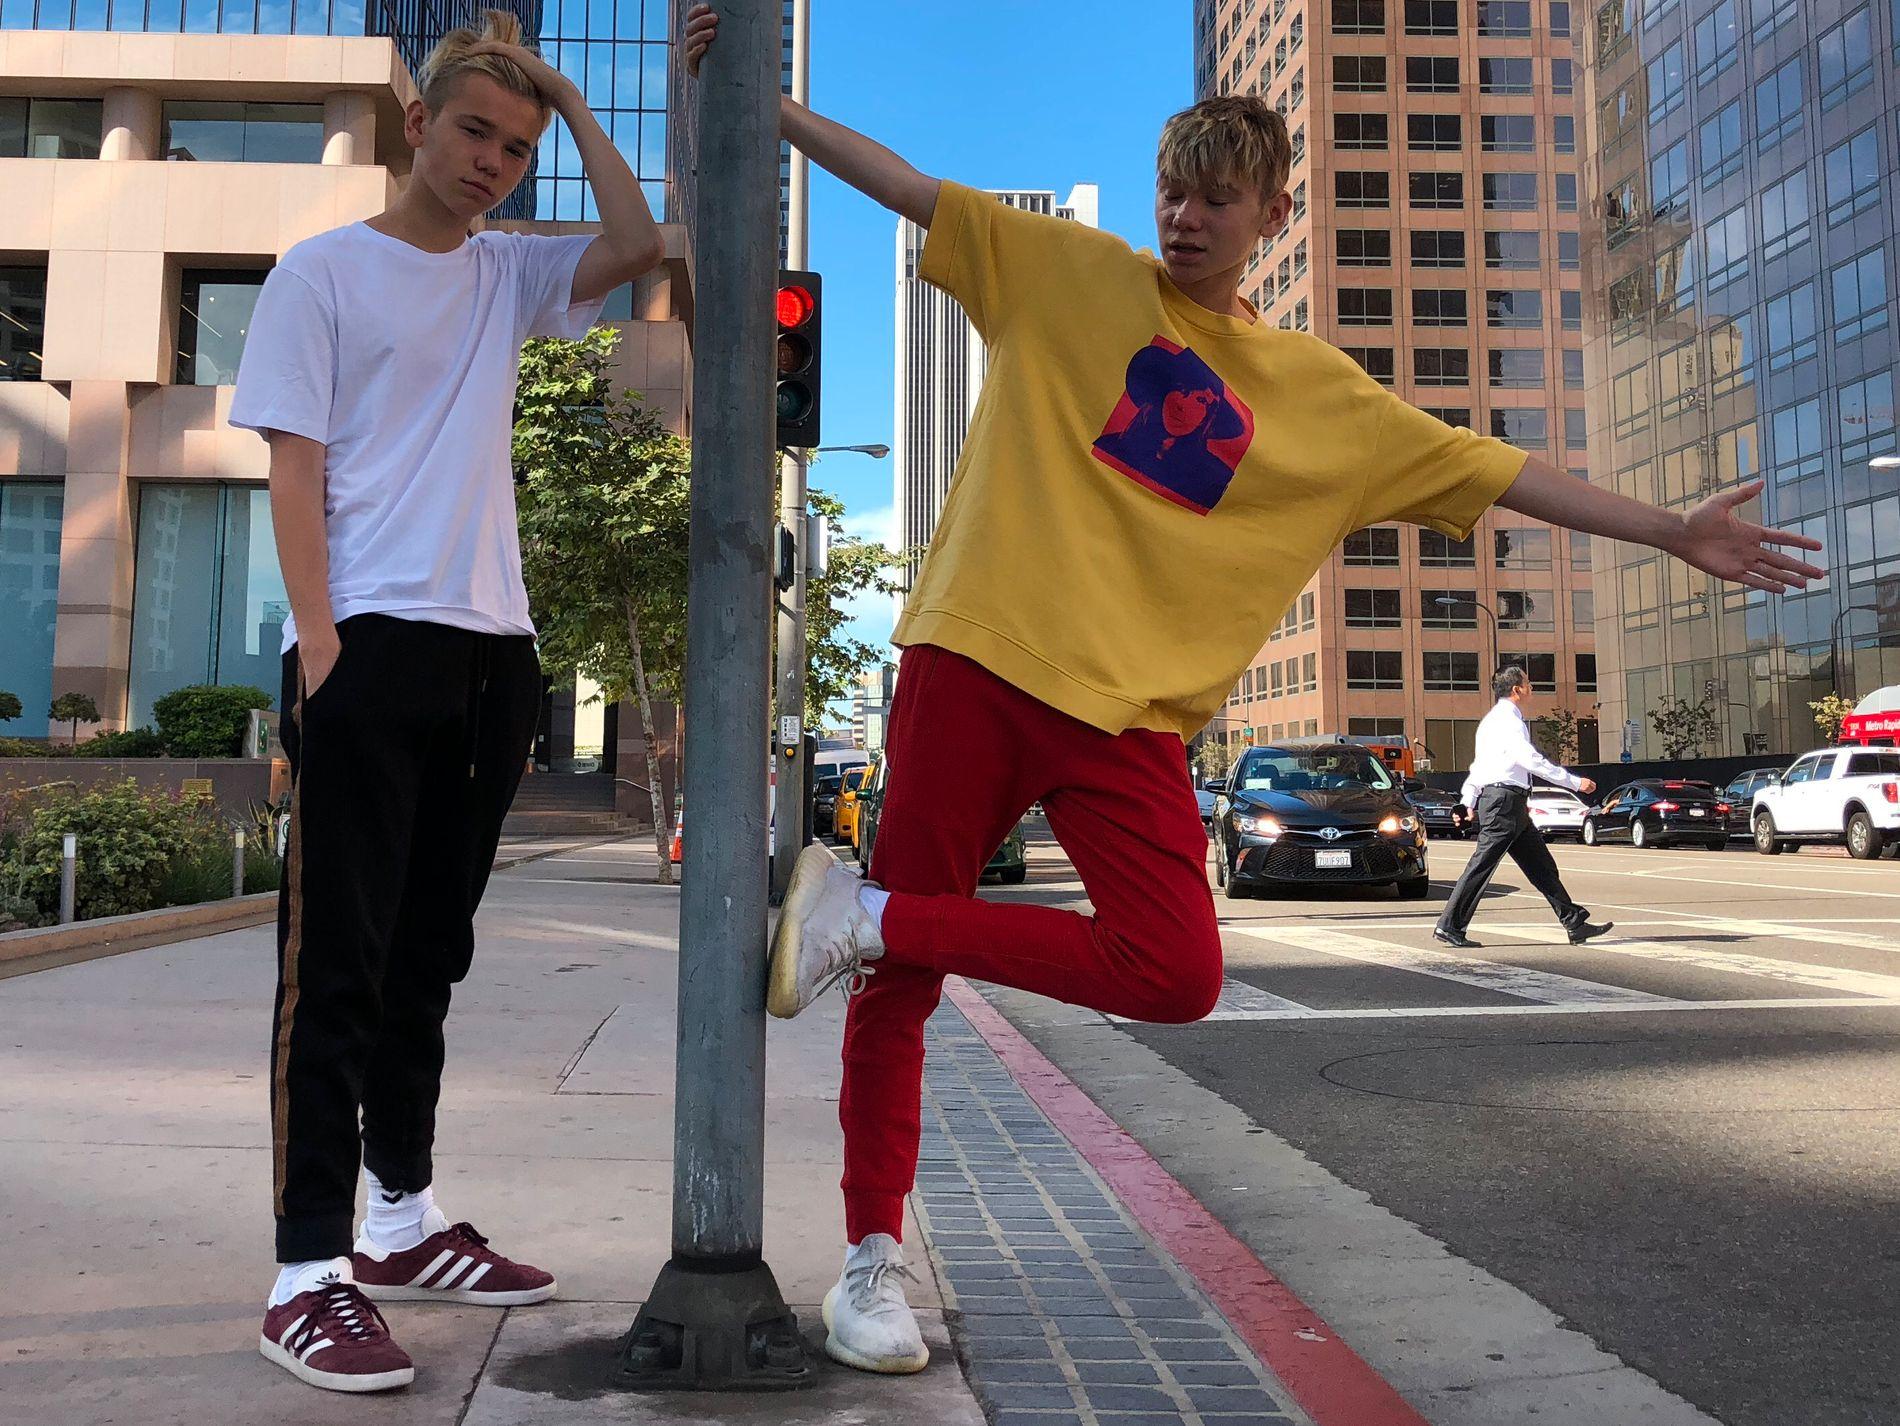 SATSER I UTLANDET: Marcus og Martinus tar videregående som privatister, og er nå i USA for å spille inn musikkvideo.